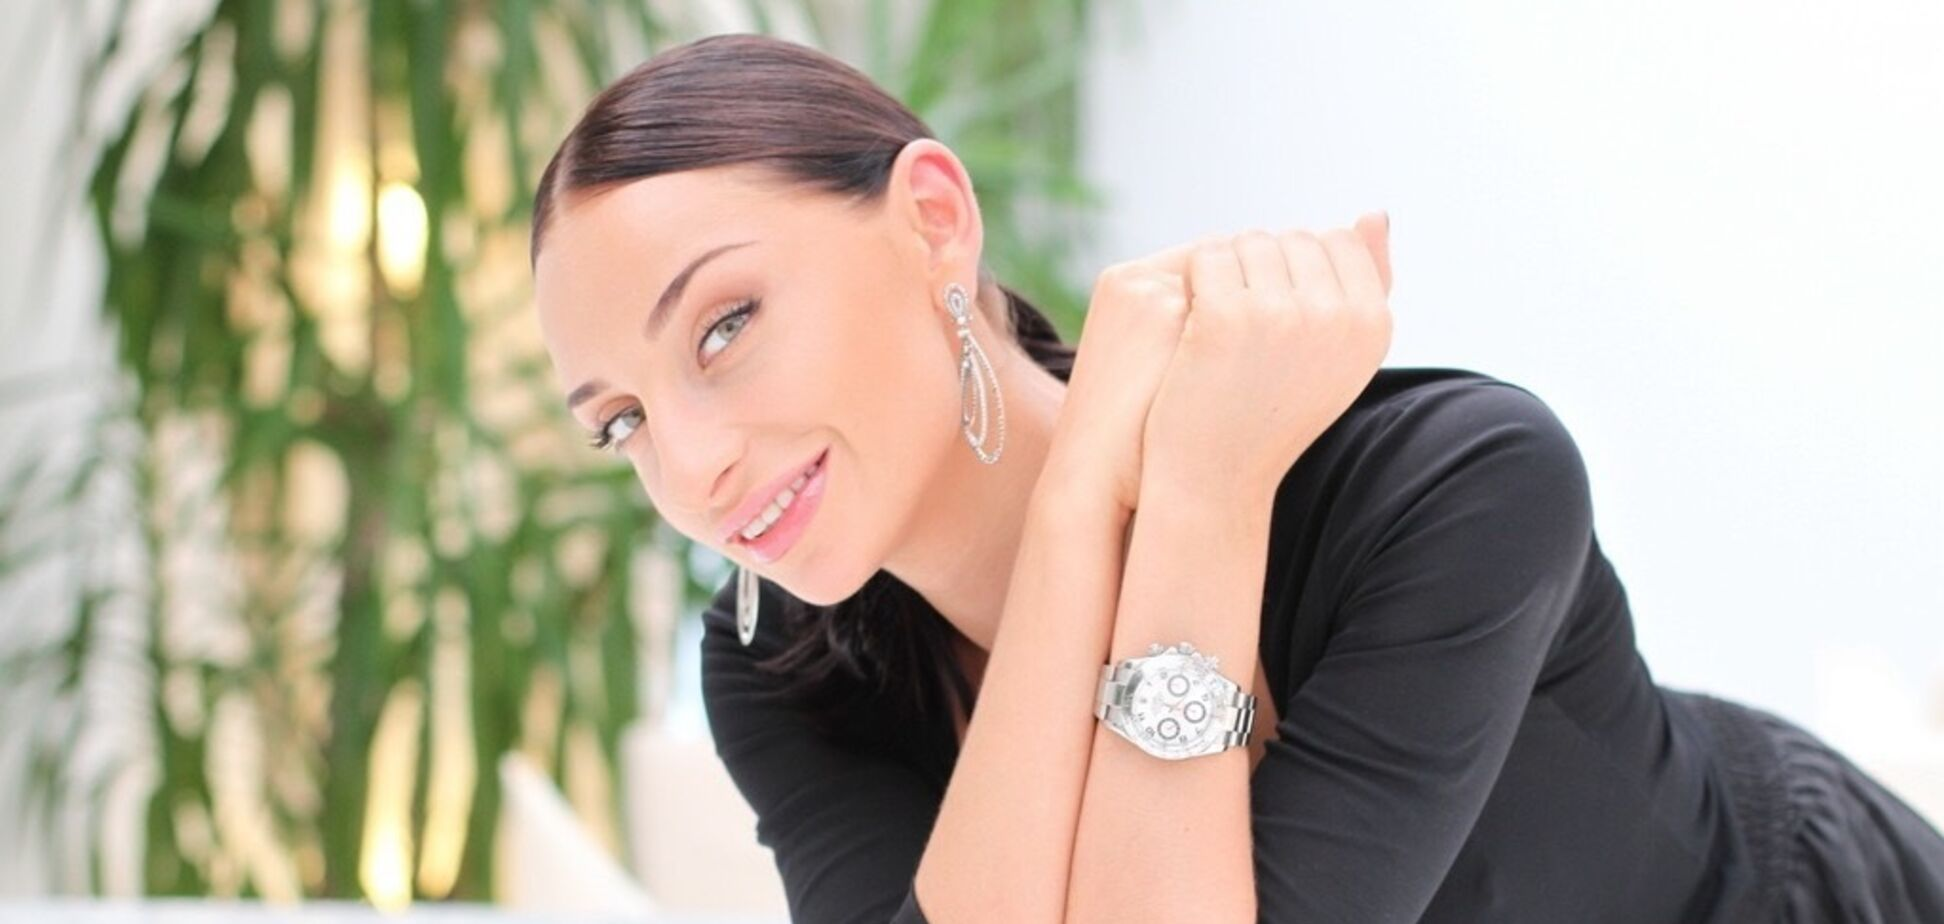 Вперше! Українська прима Христина Шишпор встановила знаковий рекорд